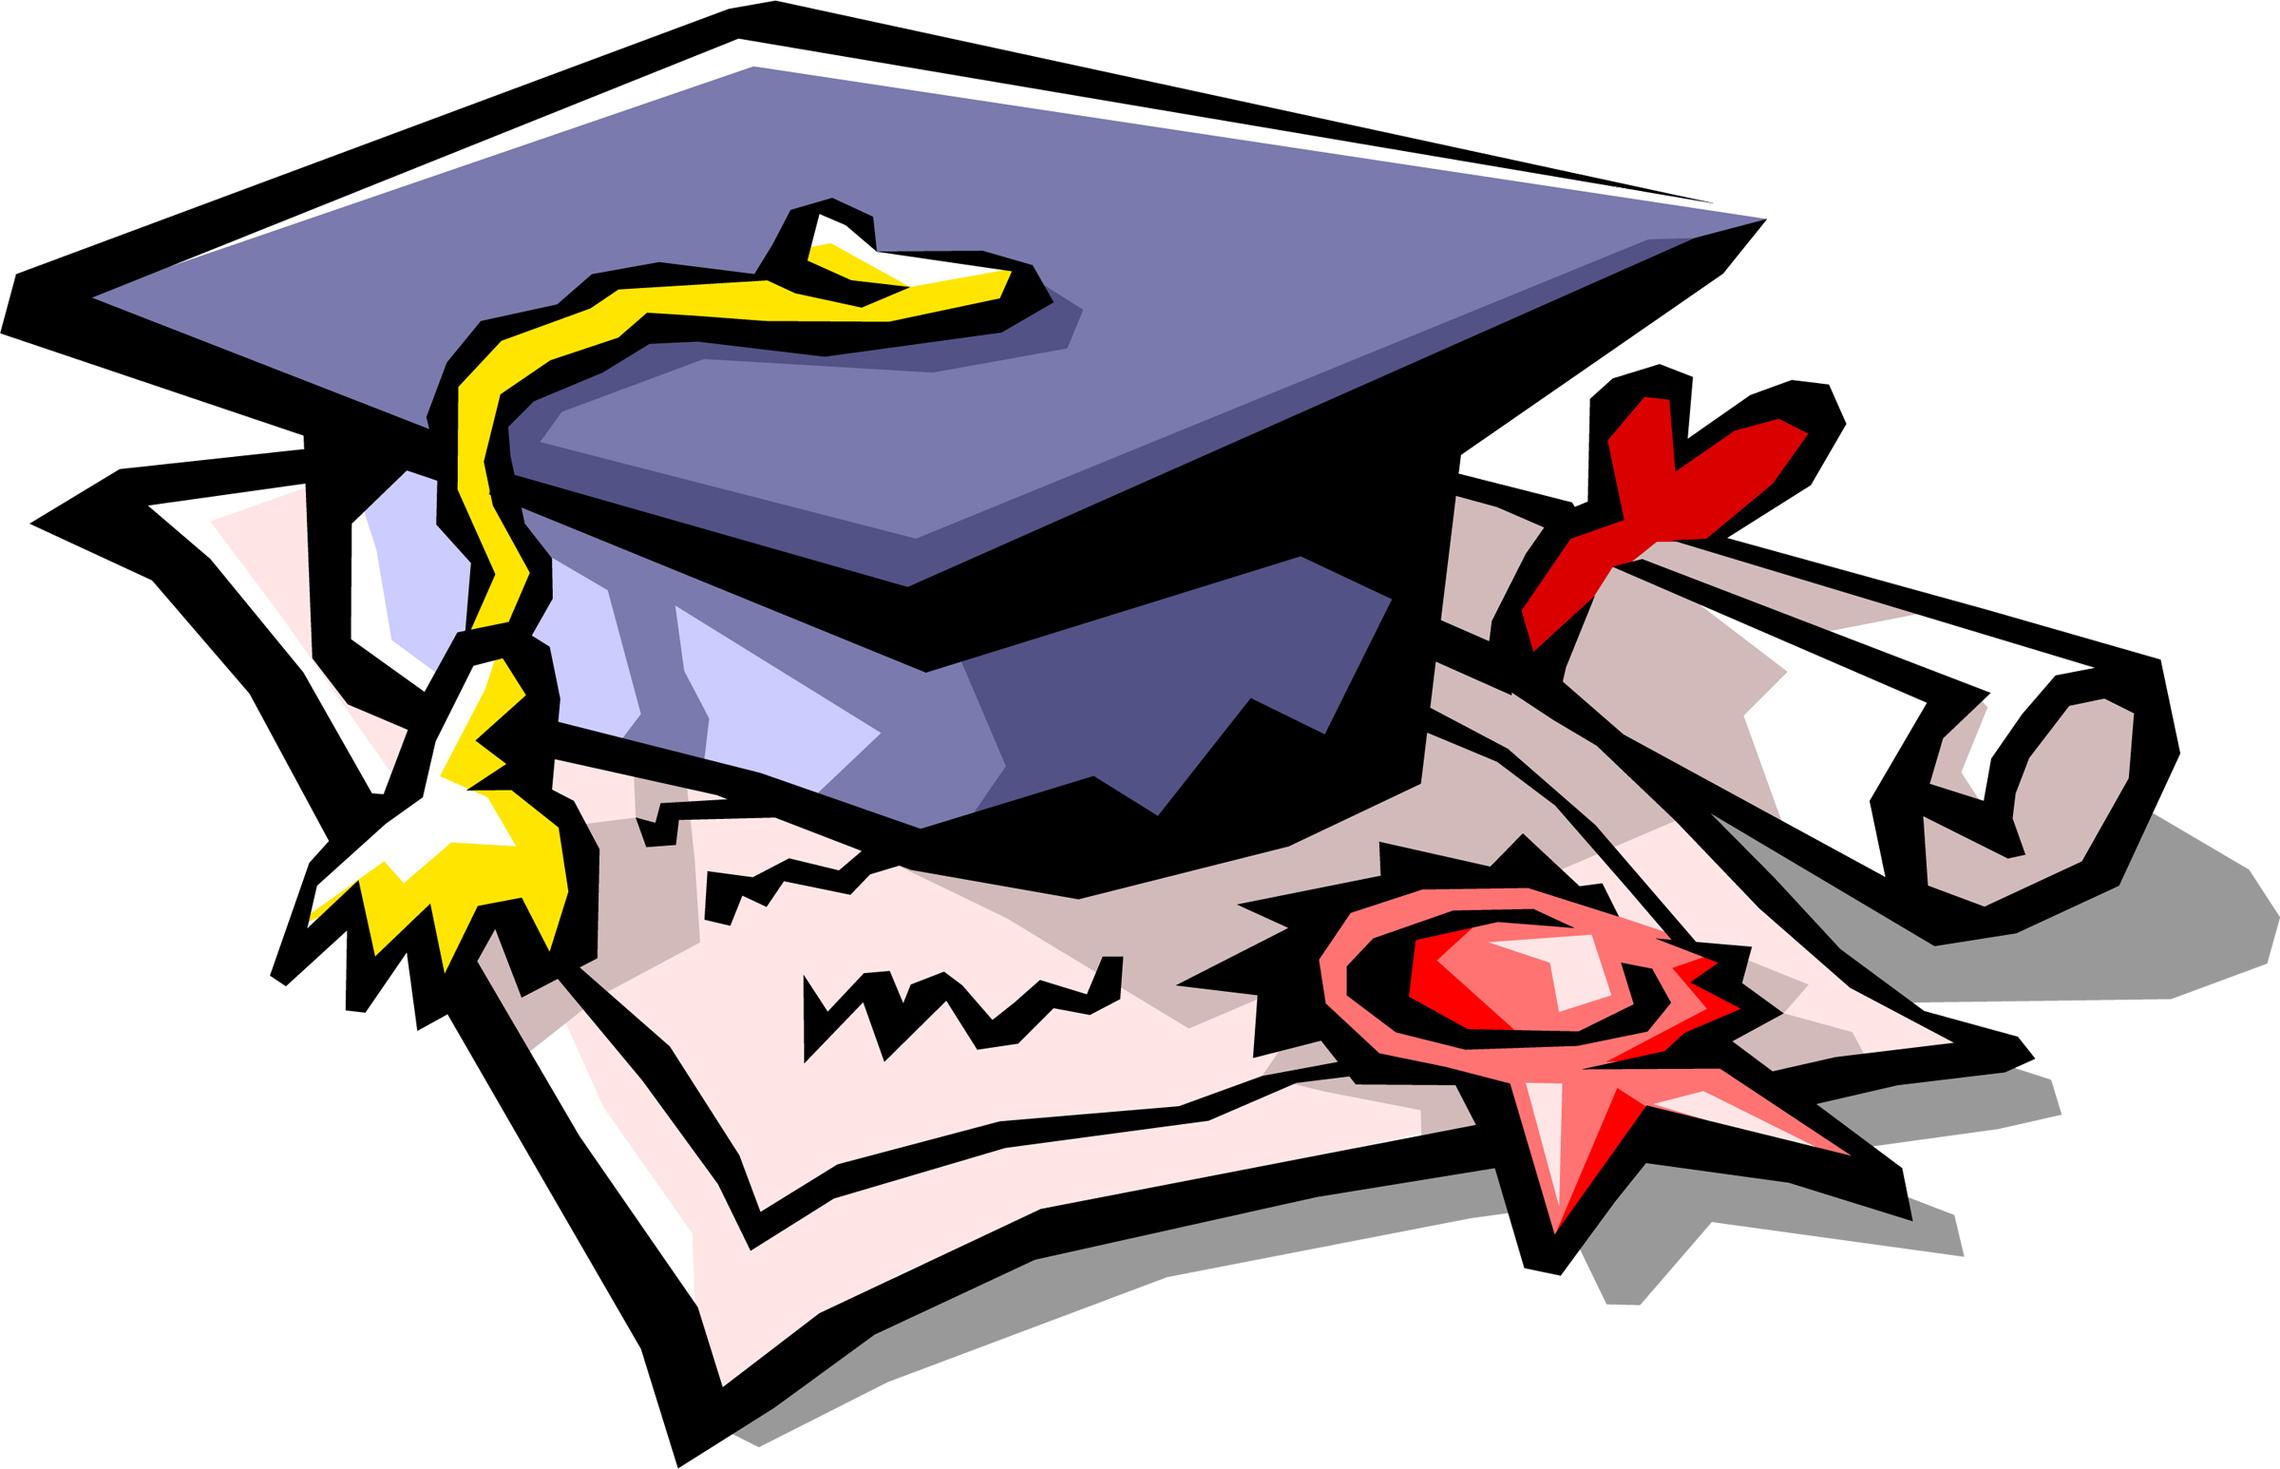 2280x1469 Graduation Symbols Clip Art Clipart